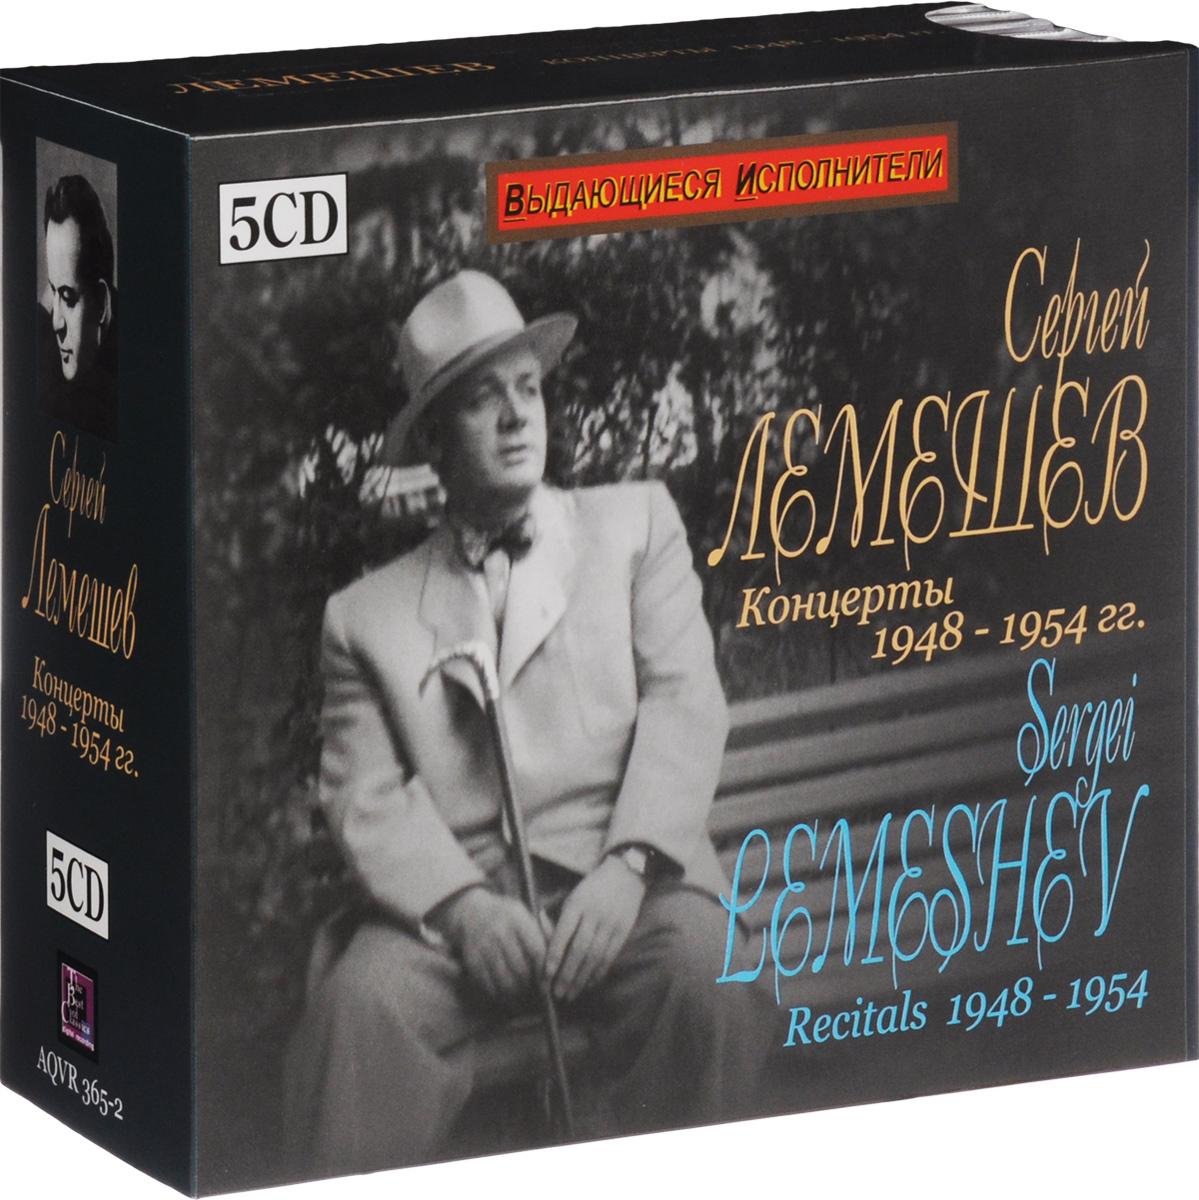 Сергей Лемешев. Концерты 1948-1954 гг. (5 CD) 2012 5 Audio CD